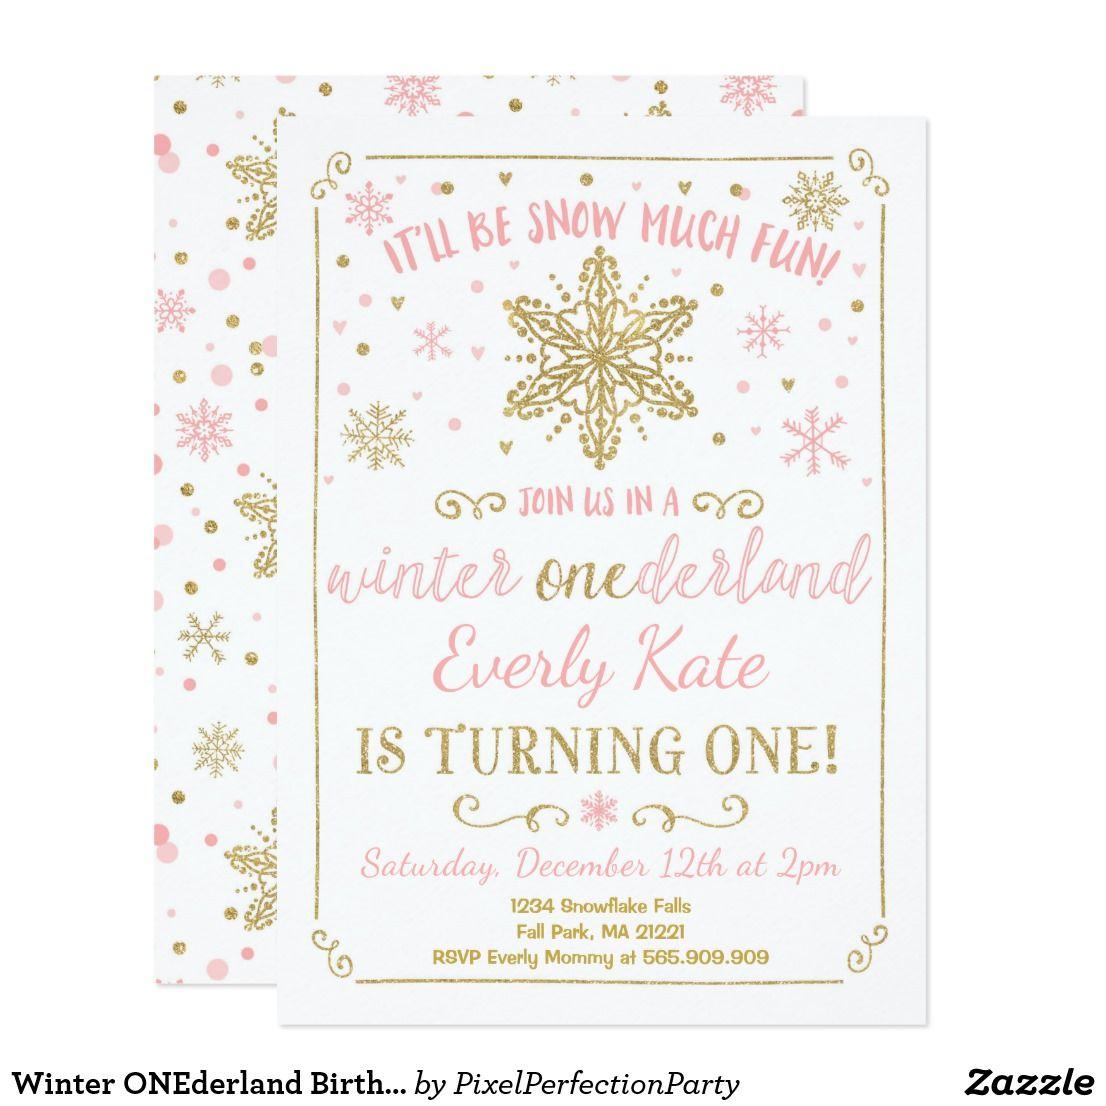 Winter Onederland Birthday Invitation Pink Gold Zazzle Com Winter Onederland Birthday Invitations Winter Onederland Birthday Birthday Invitations